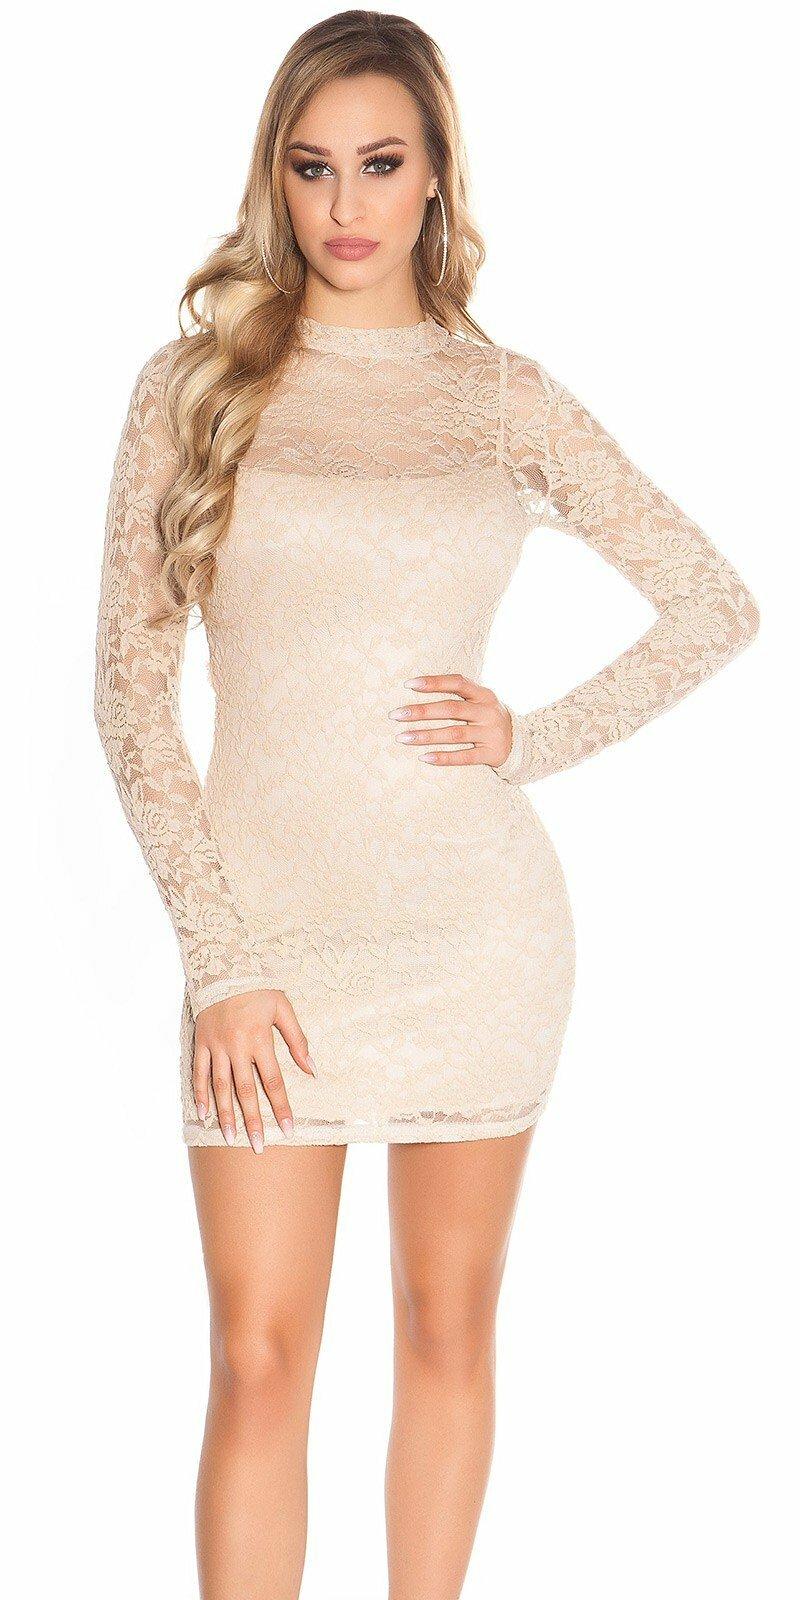 e364c8fdfa Čipkované šaty s dlhým rukávom  Veľkosť Univerzálna (XS S M) Farba